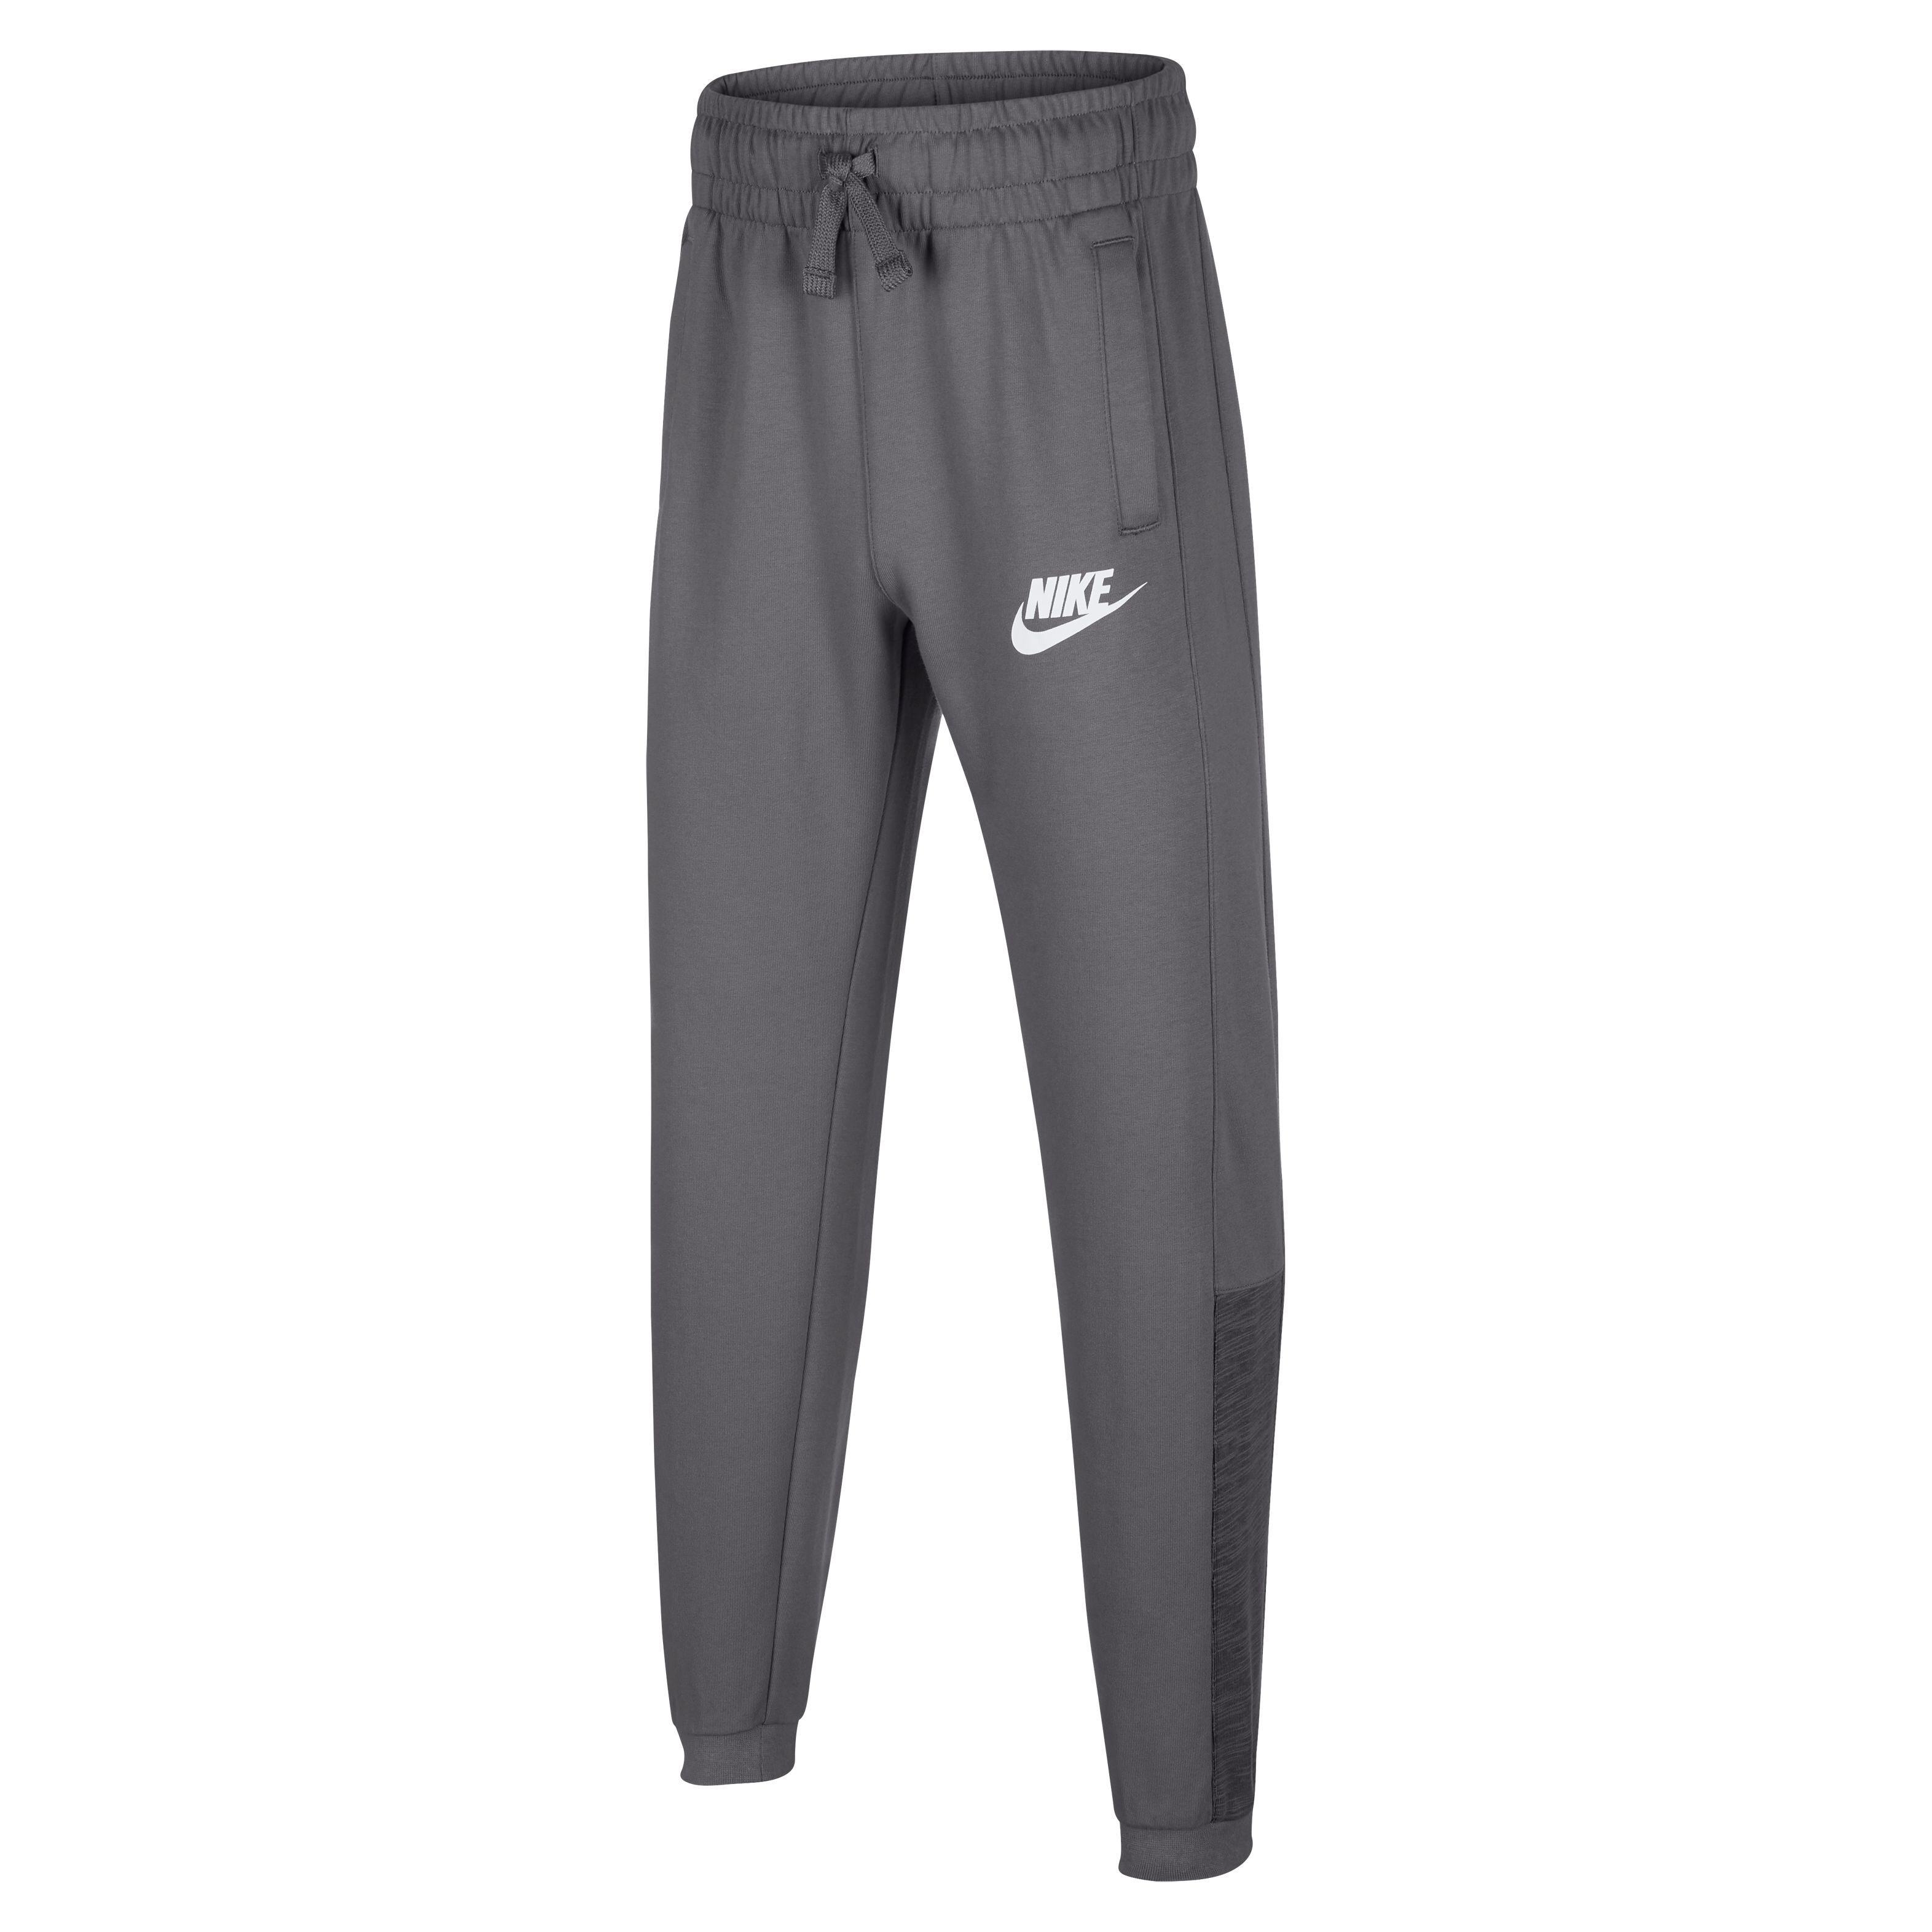 Pantalon de survetement Nike Sportswear Gris foncé